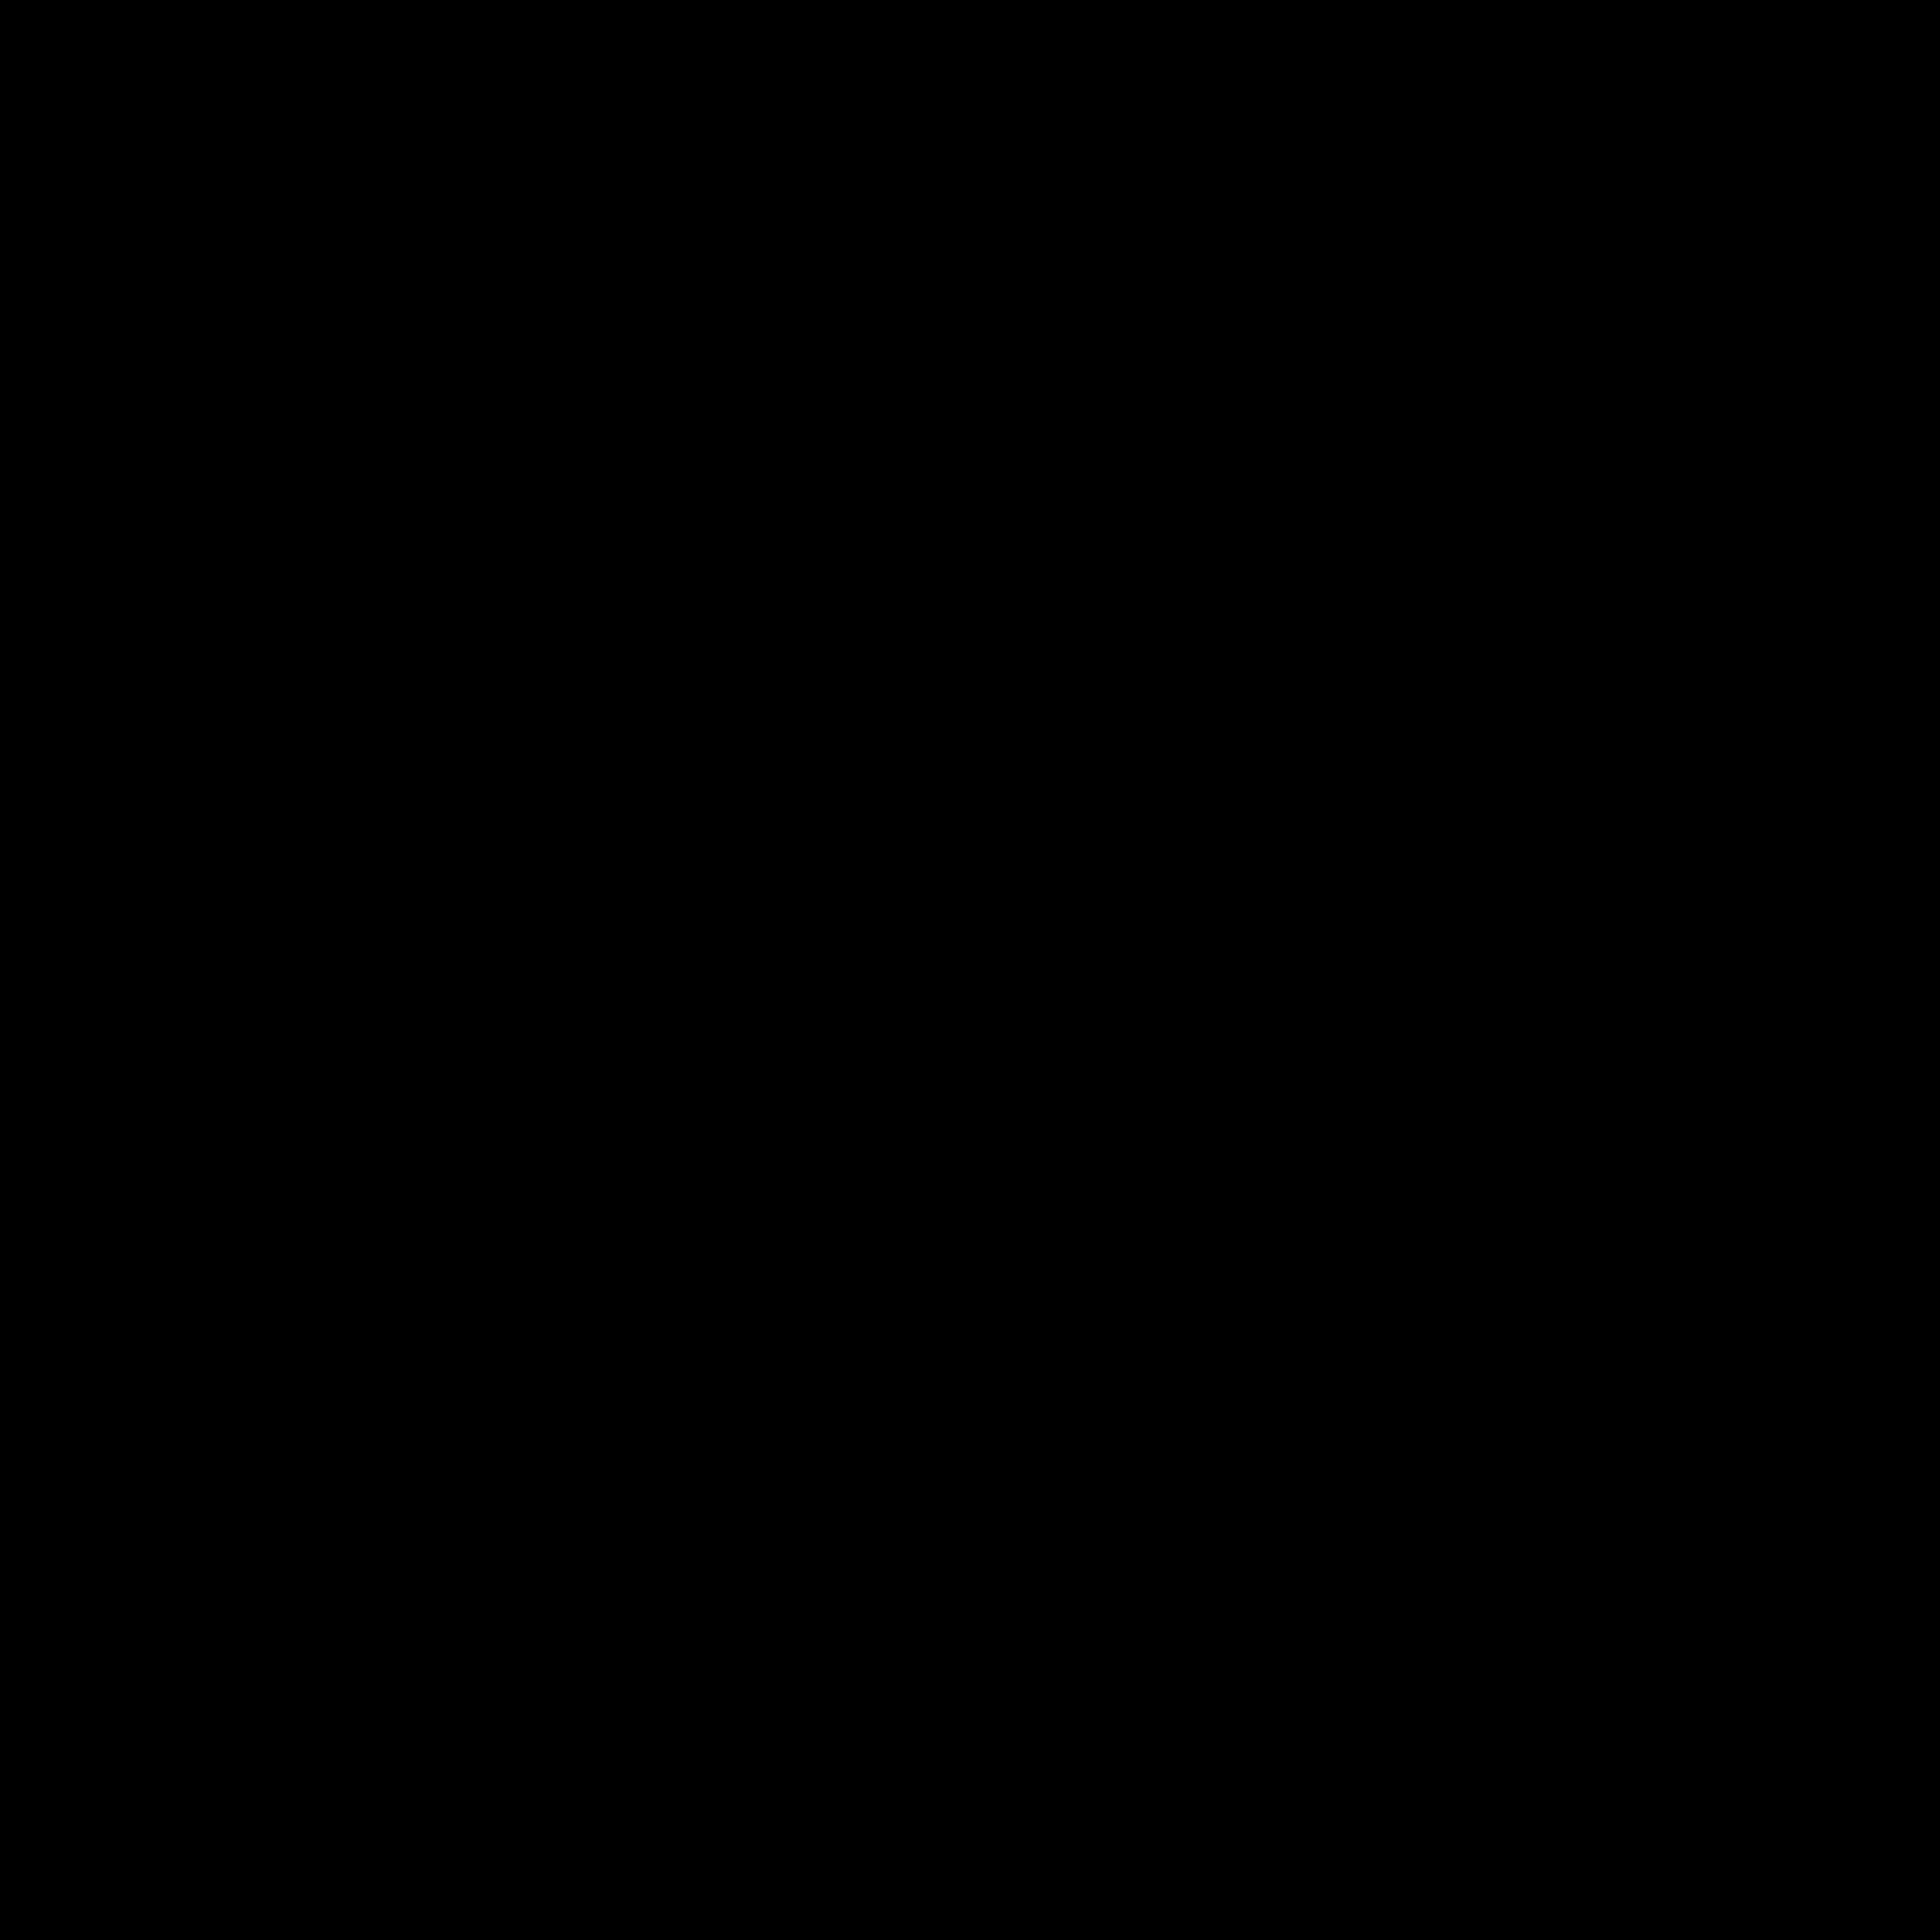 Herzlichen Glückwunsch Sandro Kretlow – Gewinner der großen OsterschätzerEI +++ Wir  haben zurzeit von Dienstag bis Sonnabend jeweils von 16 Uhr bis 20 Uhr geöffnet